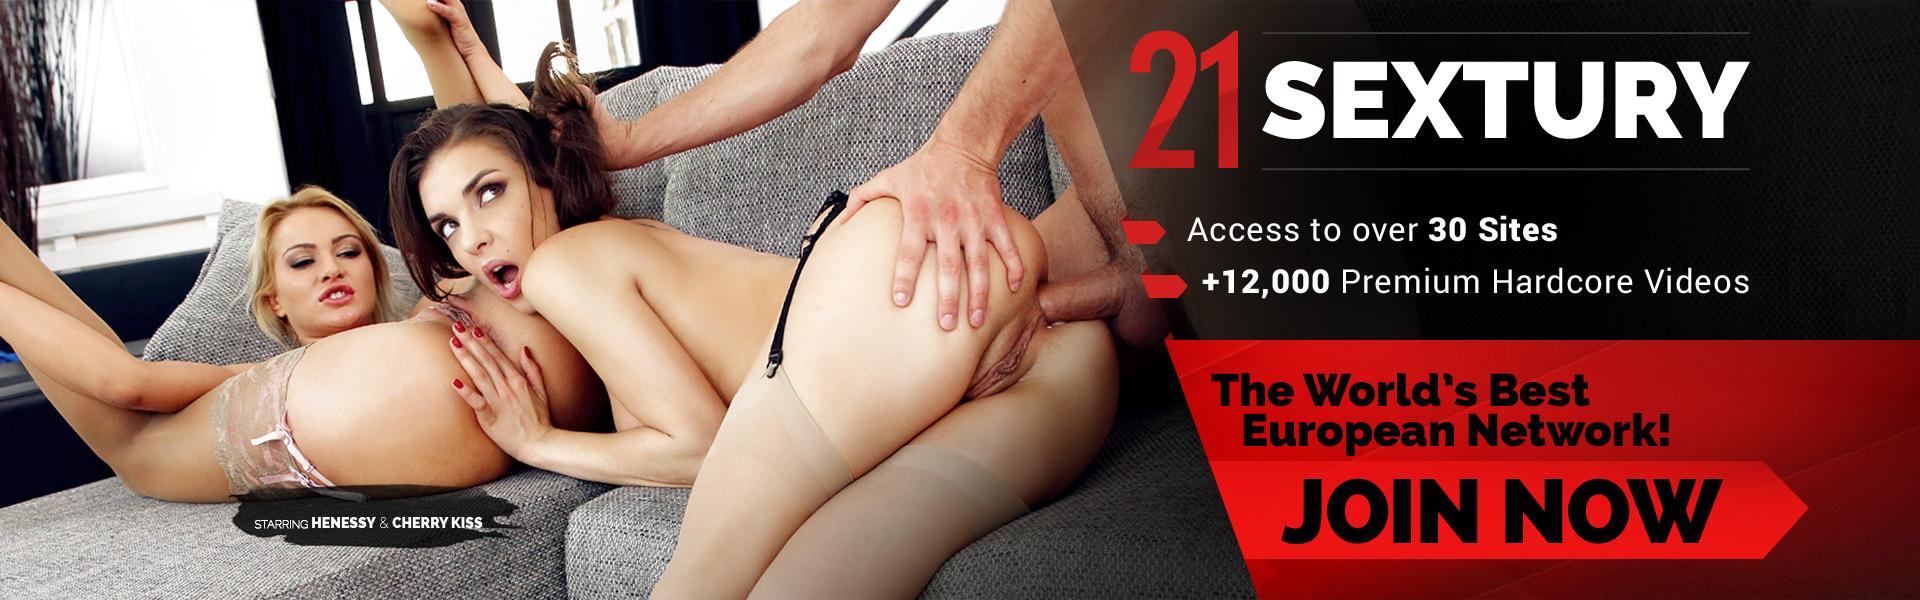 21sextury.com PROMO CODE 50% OFF !!!